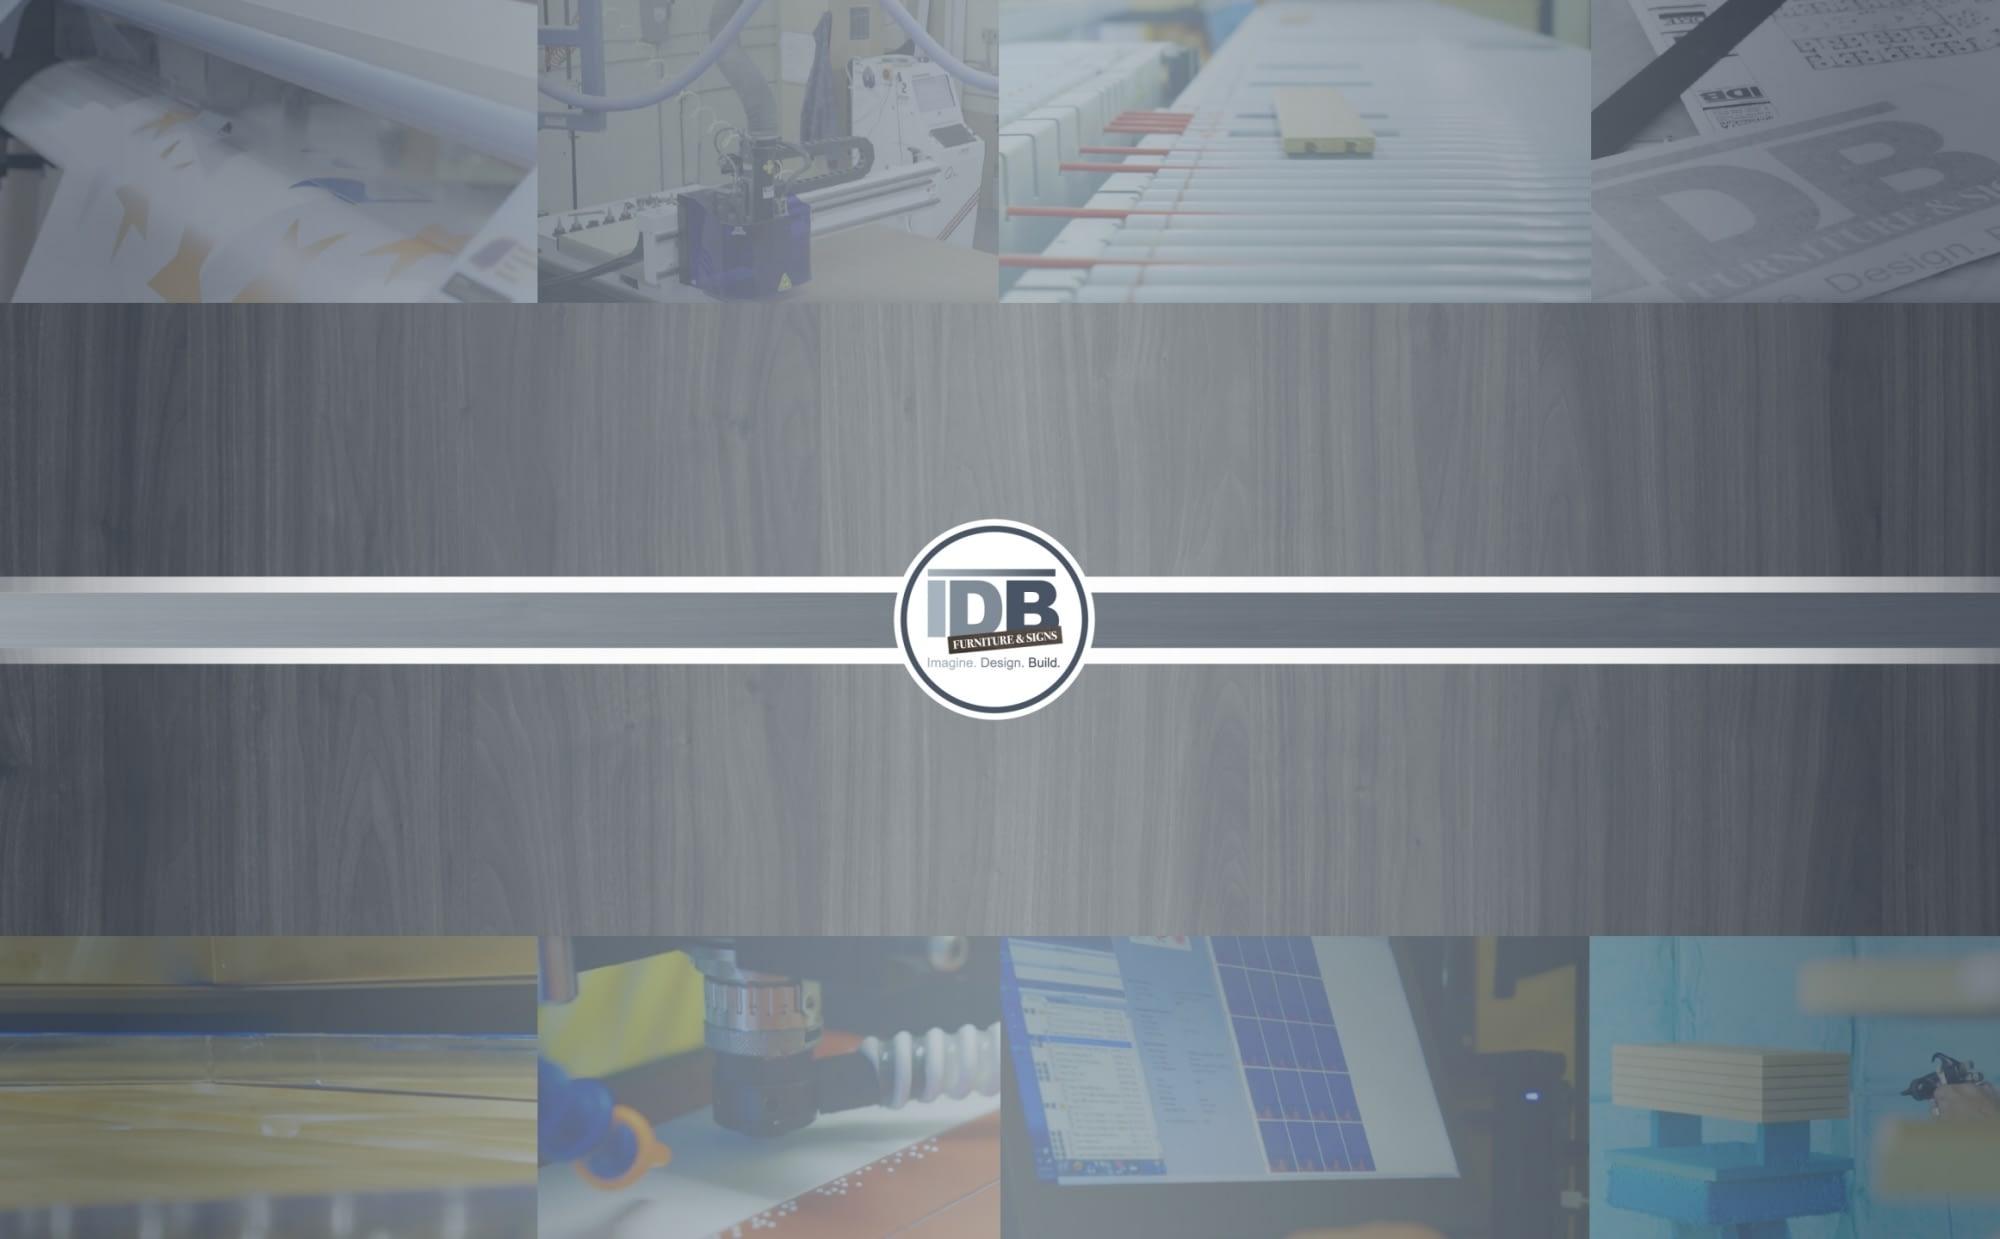 IDB Furniture & Signs